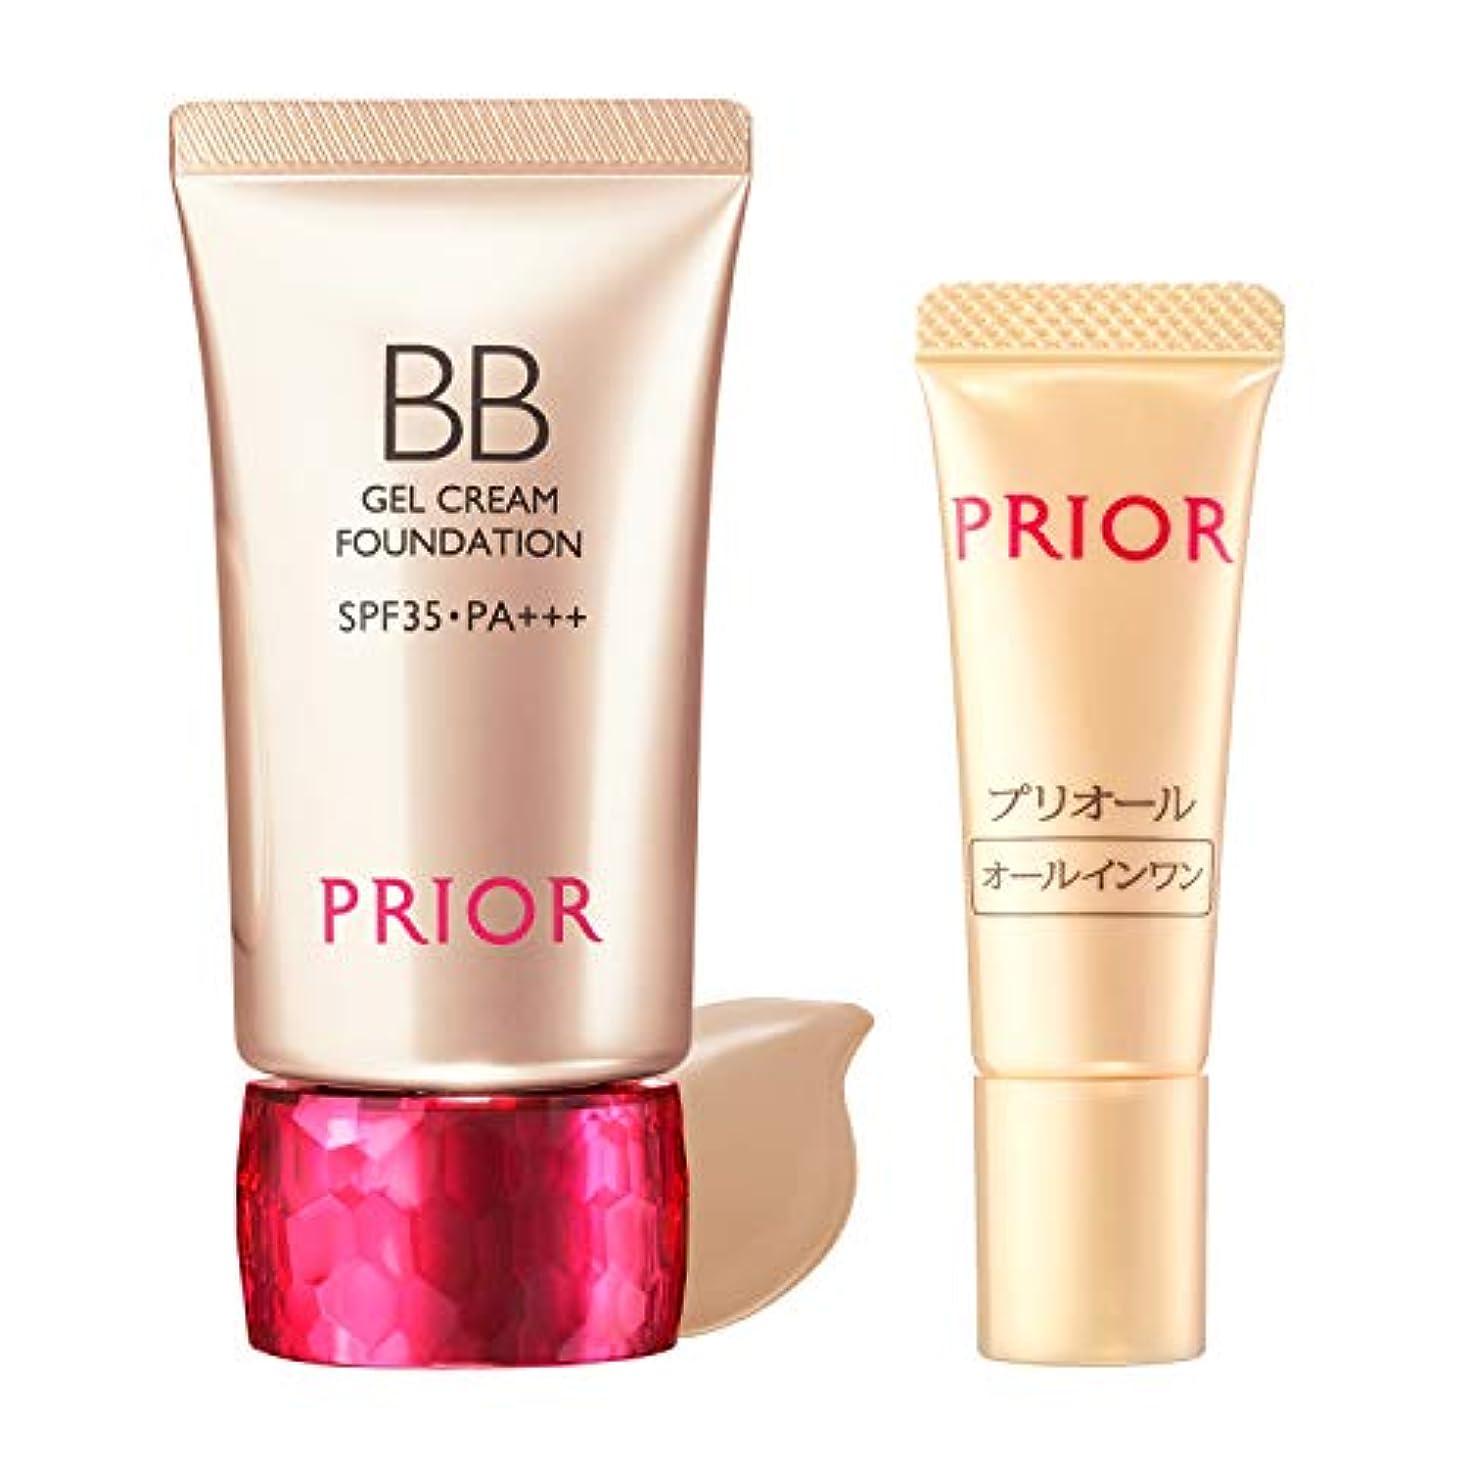 浸食ボリューム解任PRIOR(プリオール) 美つやBBジェルクリーム 限定セット g BBクリーム オークル3(セット品) 30g+1g